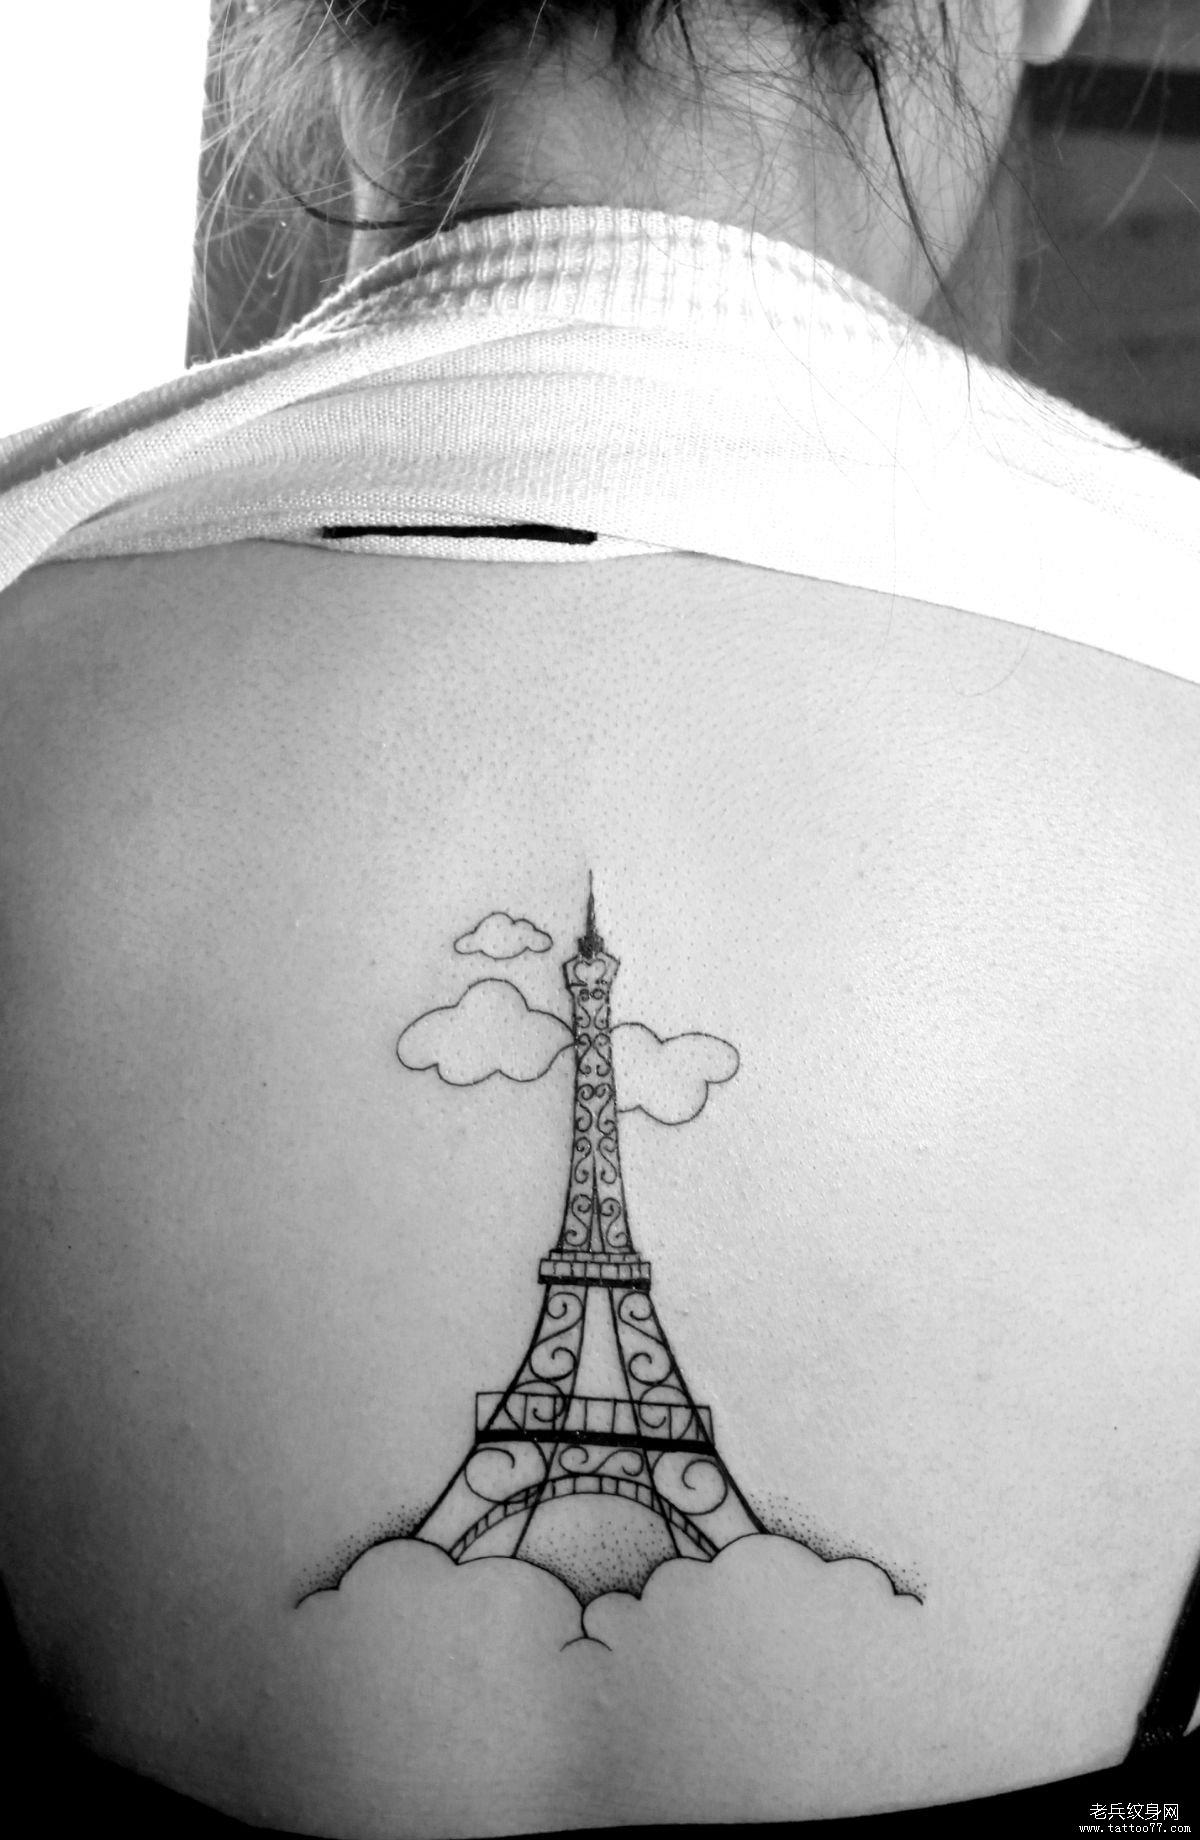 纹身 武汉-; 三a扑克牌背面怎么认; 背部埃菲尔铁塔纹身图案由武汉